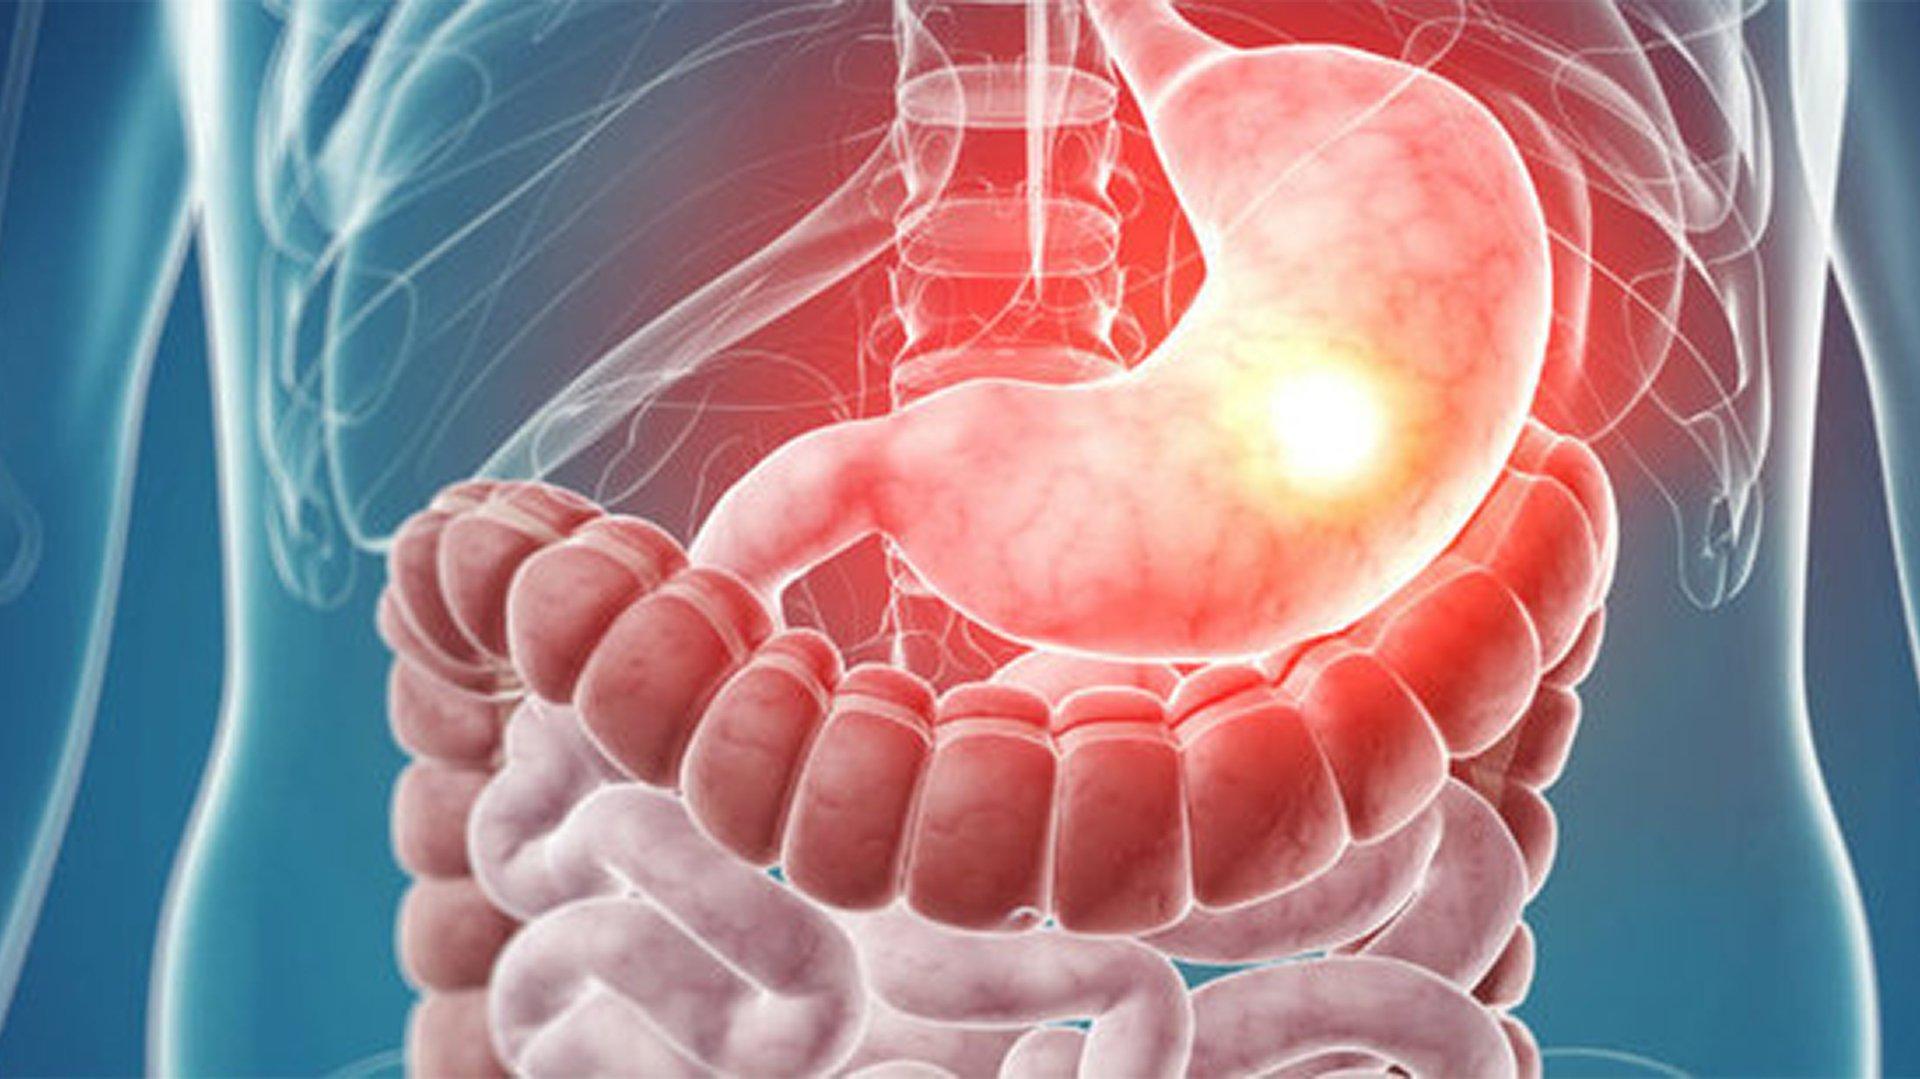 Gastroenterologia | Rede Clínica Médica